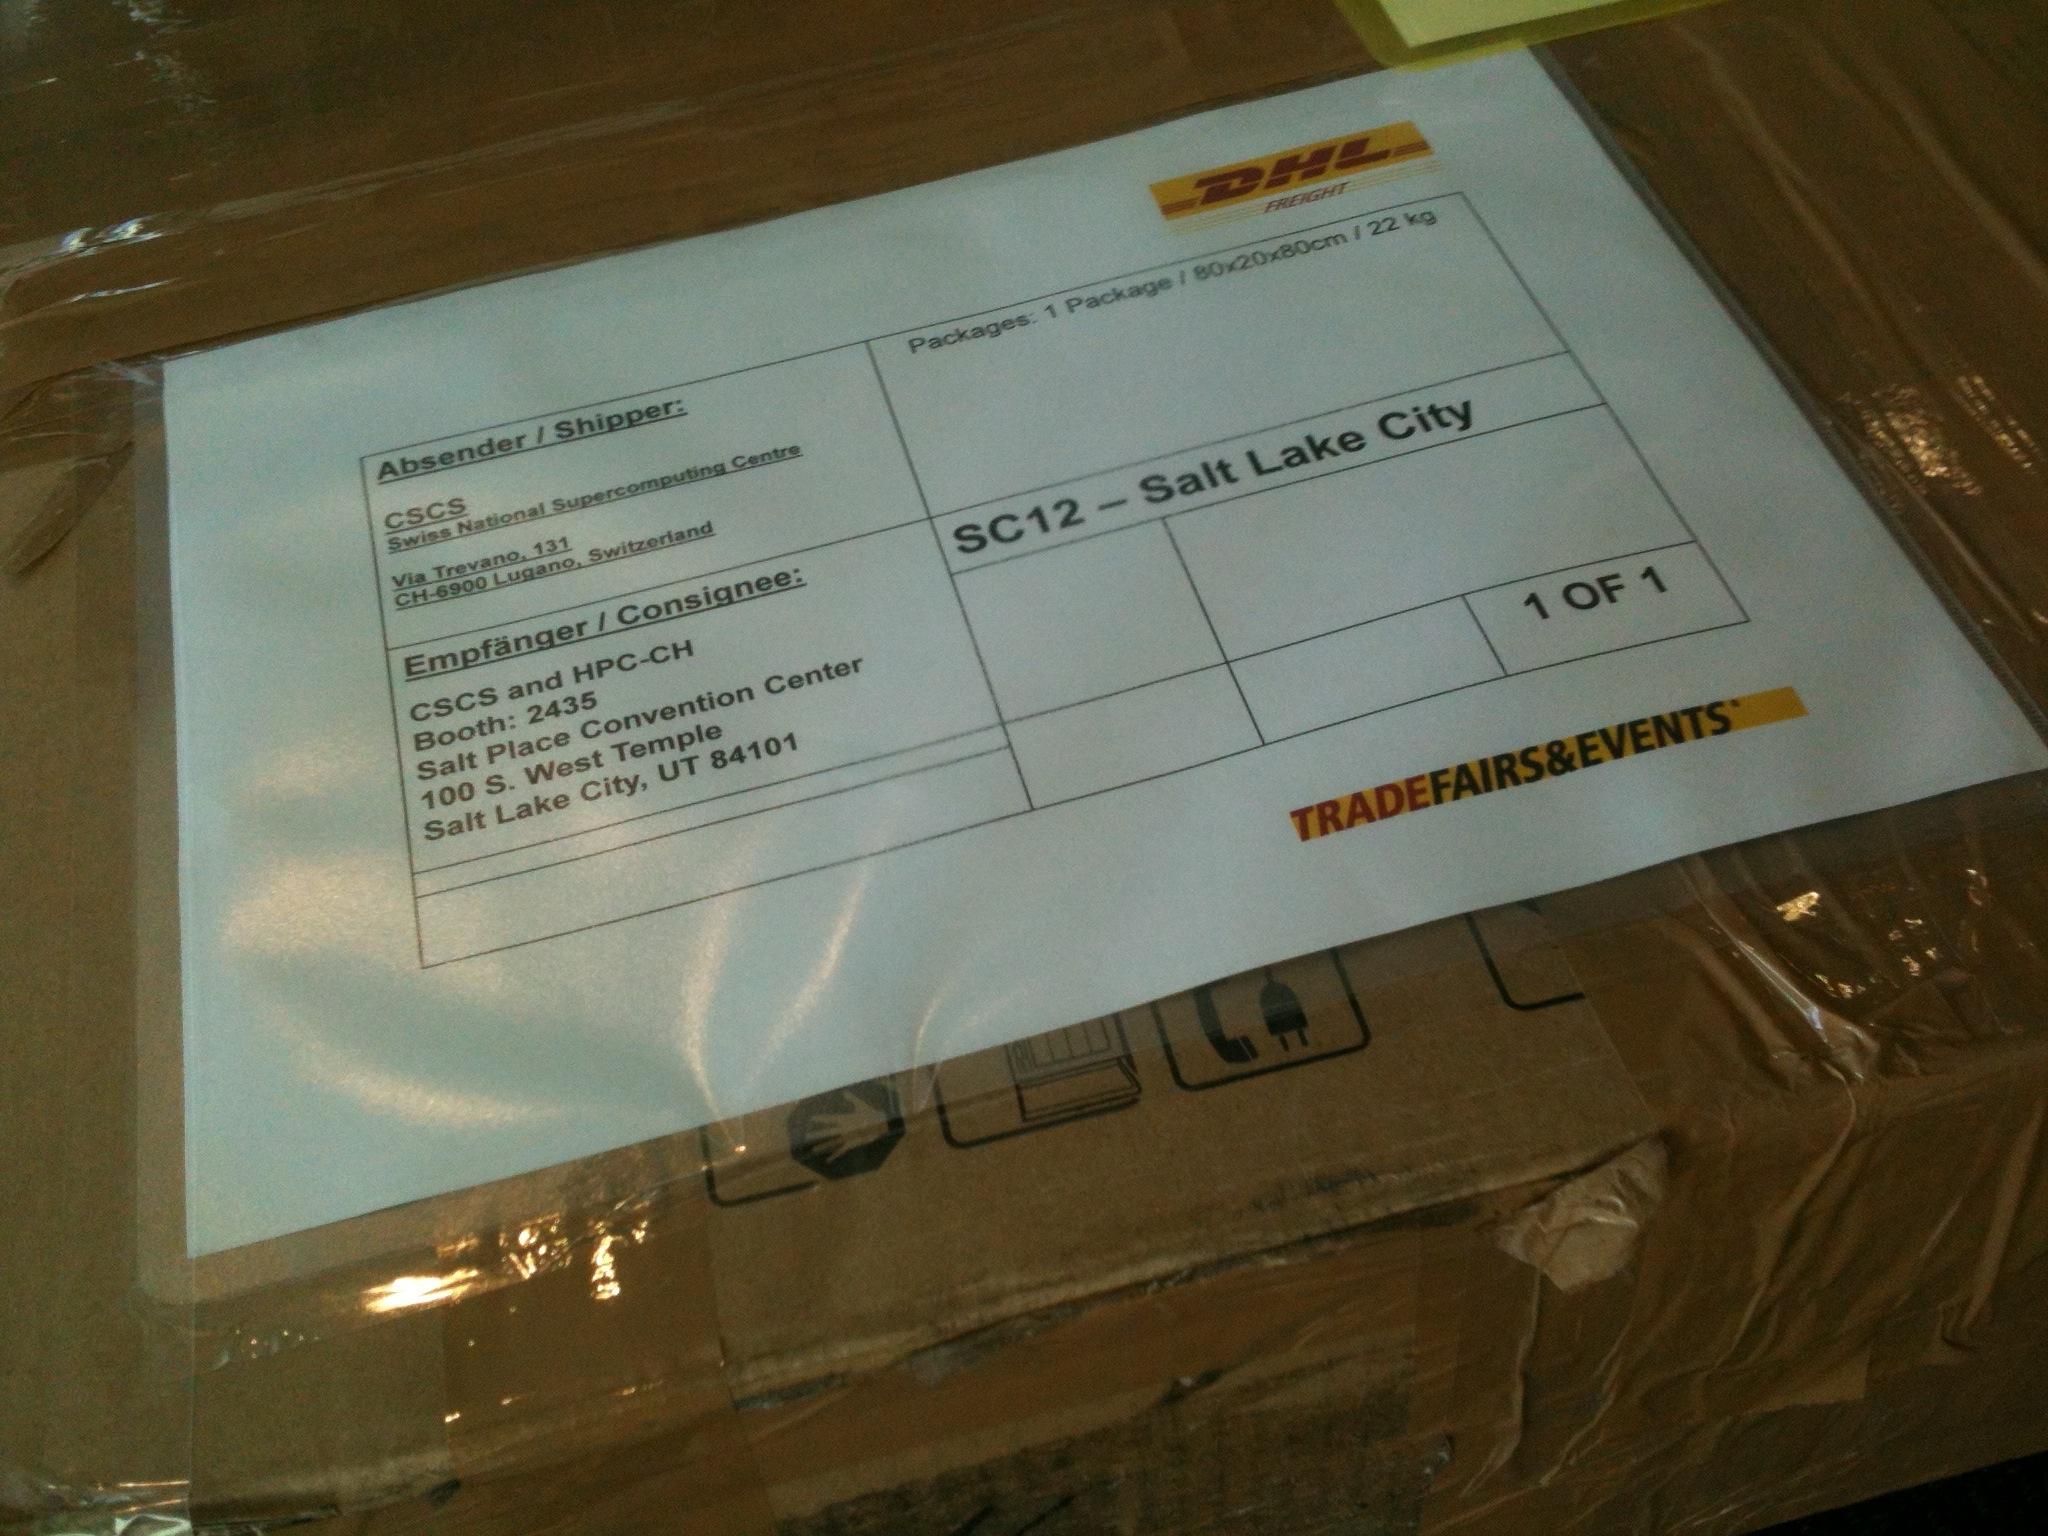 SC12 hpc-ch parcel detail